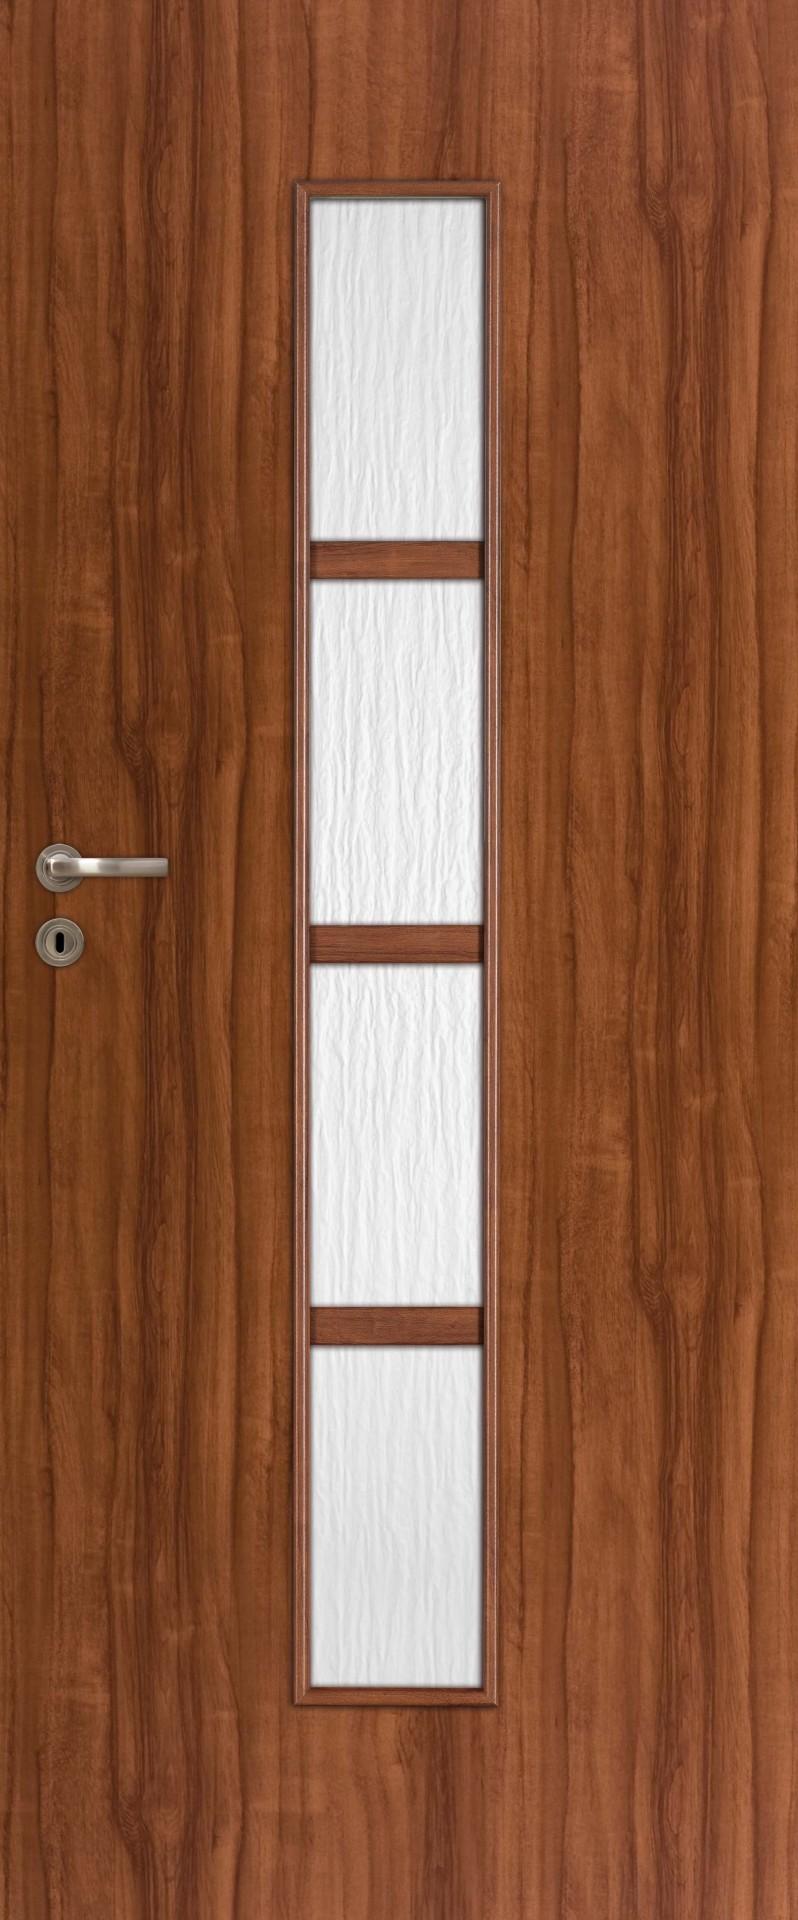 Dre dveře Arte 50, Šíře v cm 70